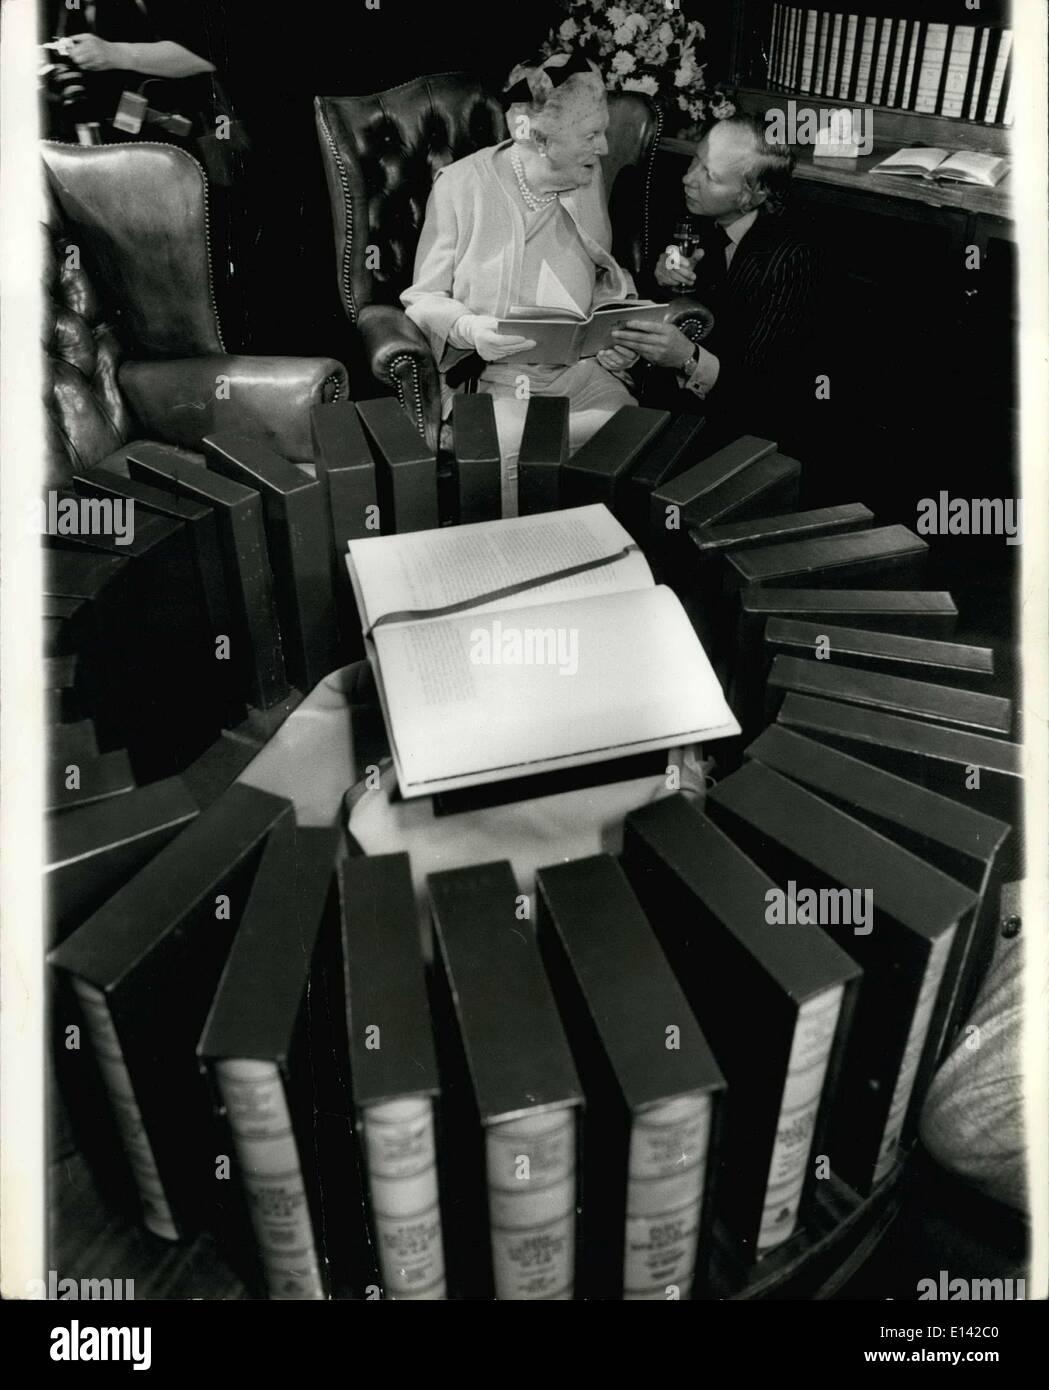 31. März 2012 - Lady Specncer-Churchill erhält die letzte abgeschlossene Werke von Sir Winston Churchill.: Es hat die Bibliothek des kaiserlichen Geschichte drei Jahre gedauert, komplette Publikation der gesammelten Werke von Sir Winston Churchill. Das erste Buch wurde im Dezember 1973 angekündigt, und die letzte ist jetzt gerade. Im Jahr 1973 zum Auftakt der Produktion, Edward Heath, dann Premierminister, den ersten Band, Lady Spencer-Churchill vorgestellt. Heute markiert er Abschluss Veröffentlichung der die 34 Lautstärke eingestellt, wenn er ihr mit den letzten Band dargestellt. Das komplette Set ist zum Preis von? 1250 Stockbild